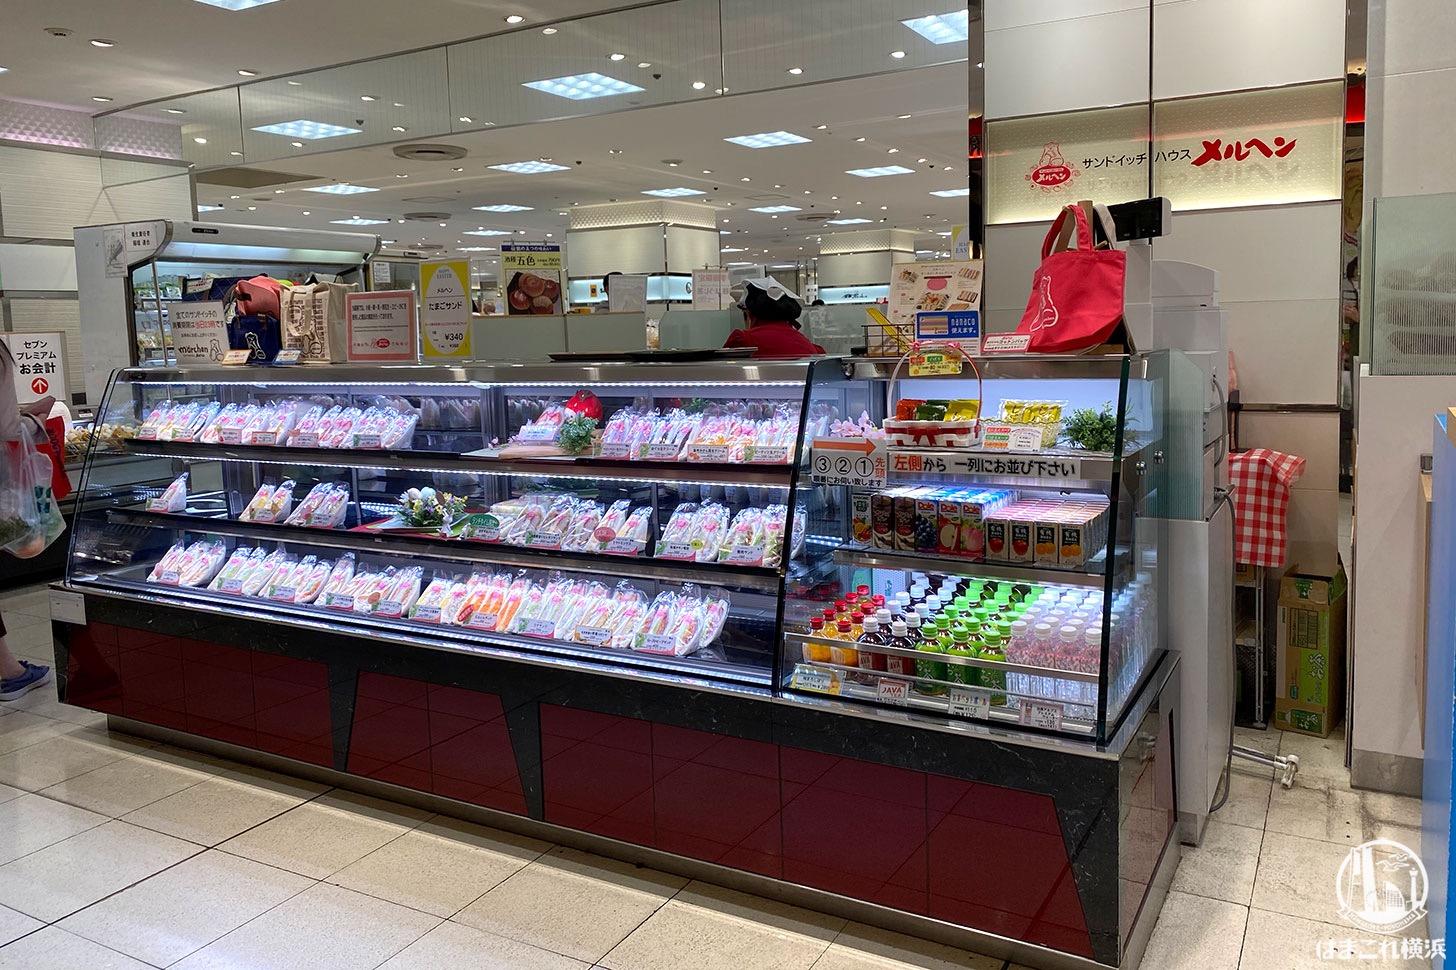 サンドイッチハウス メルヘン そごう横浜店